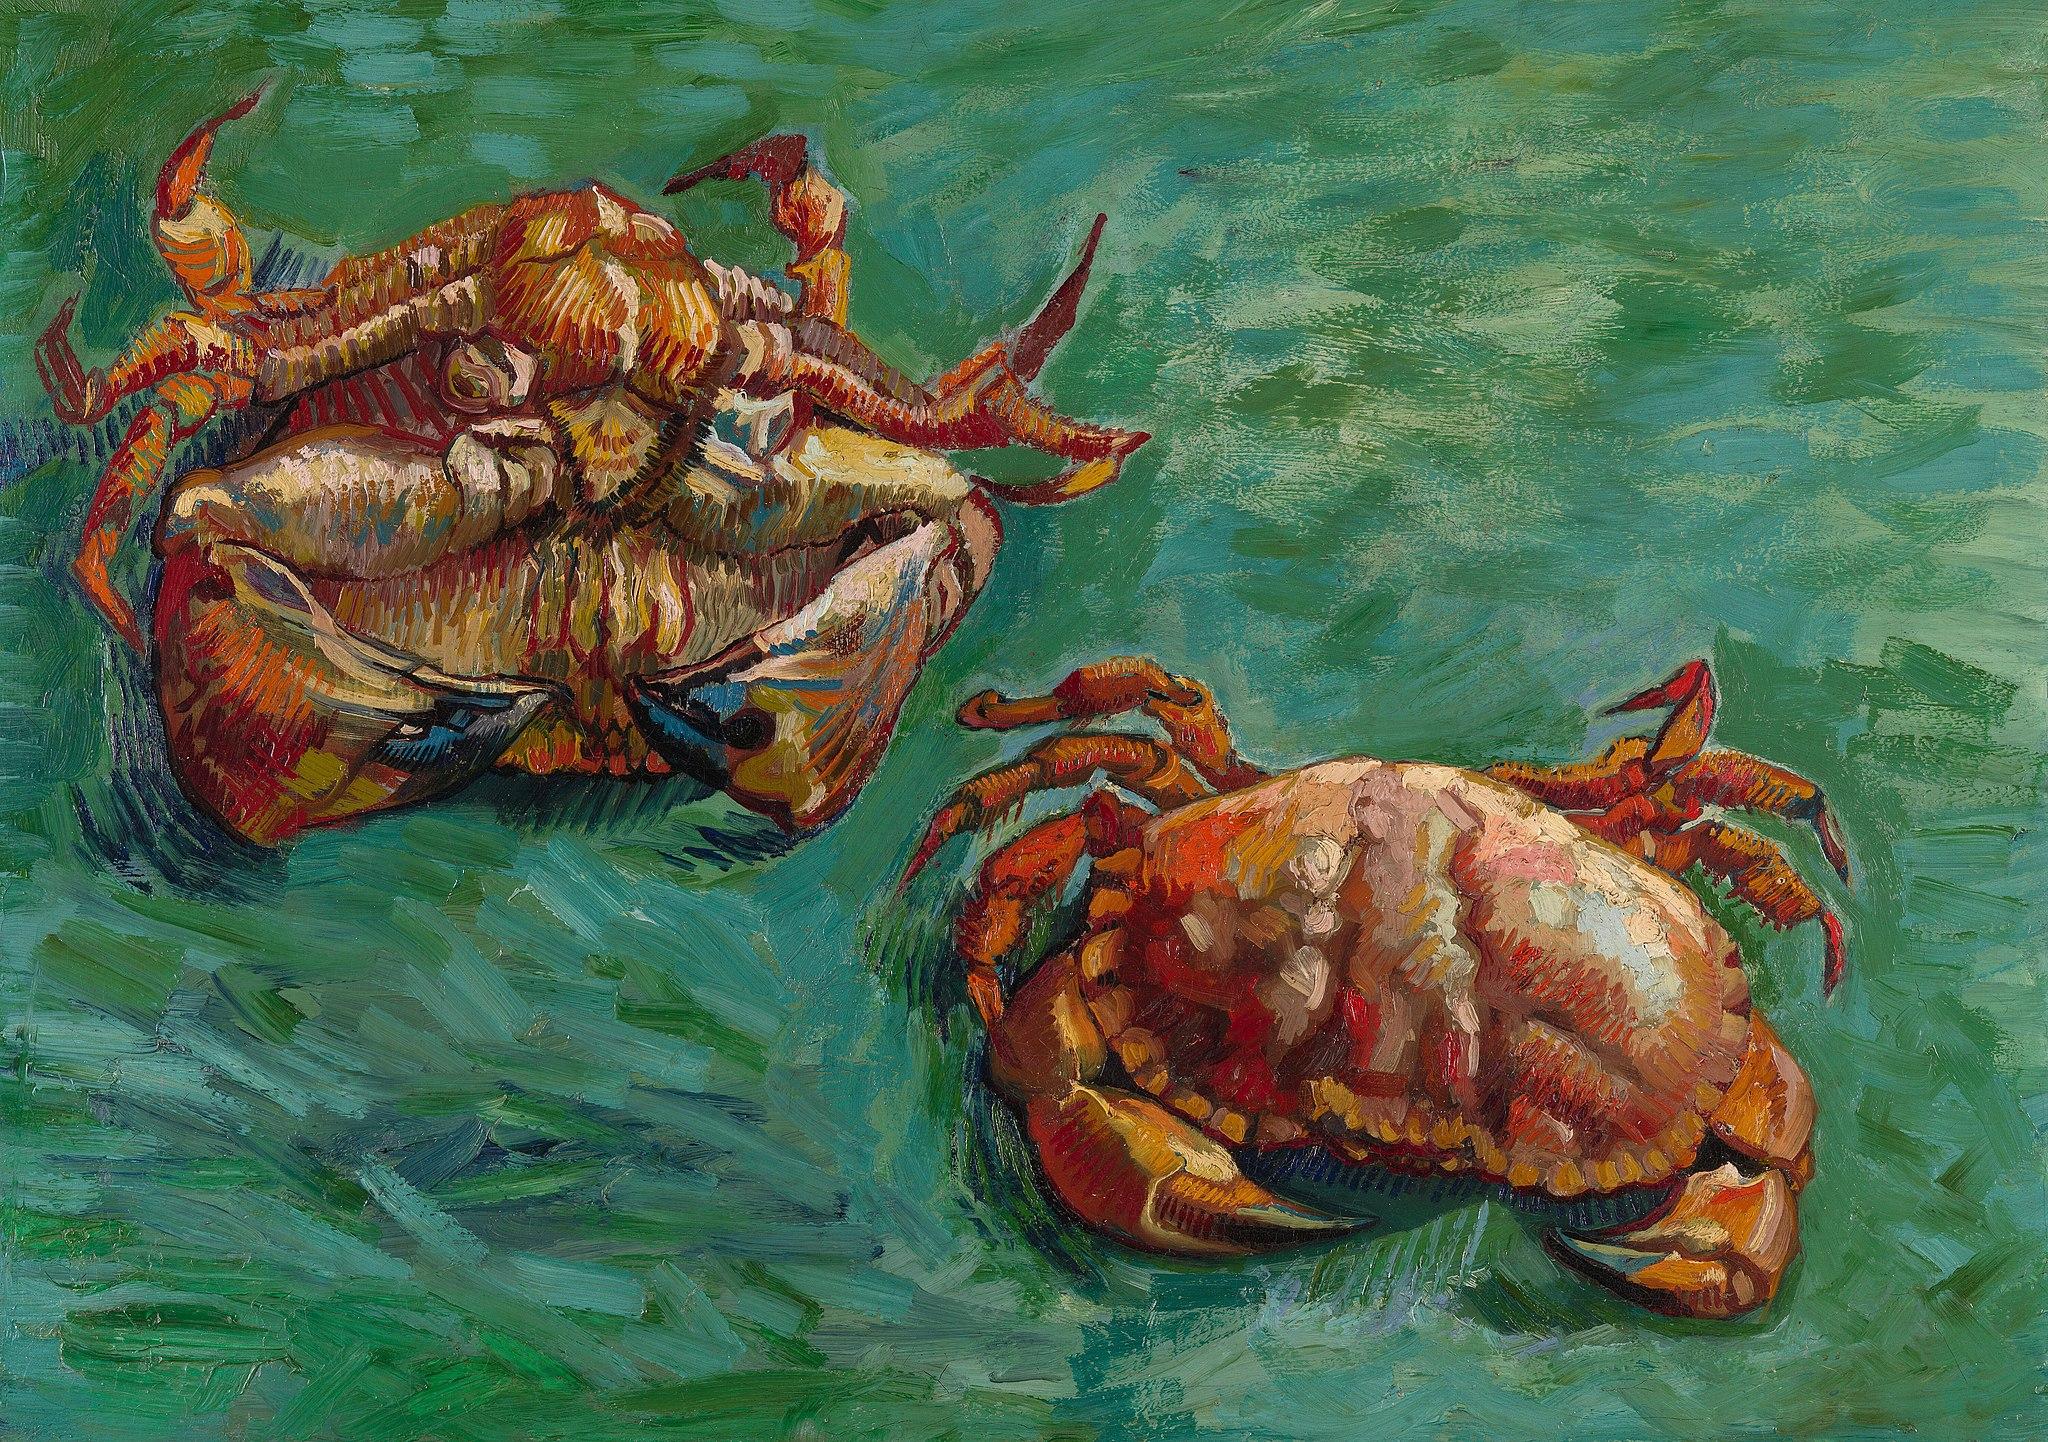 Vincent van Gogh, Two Crabs, 1889